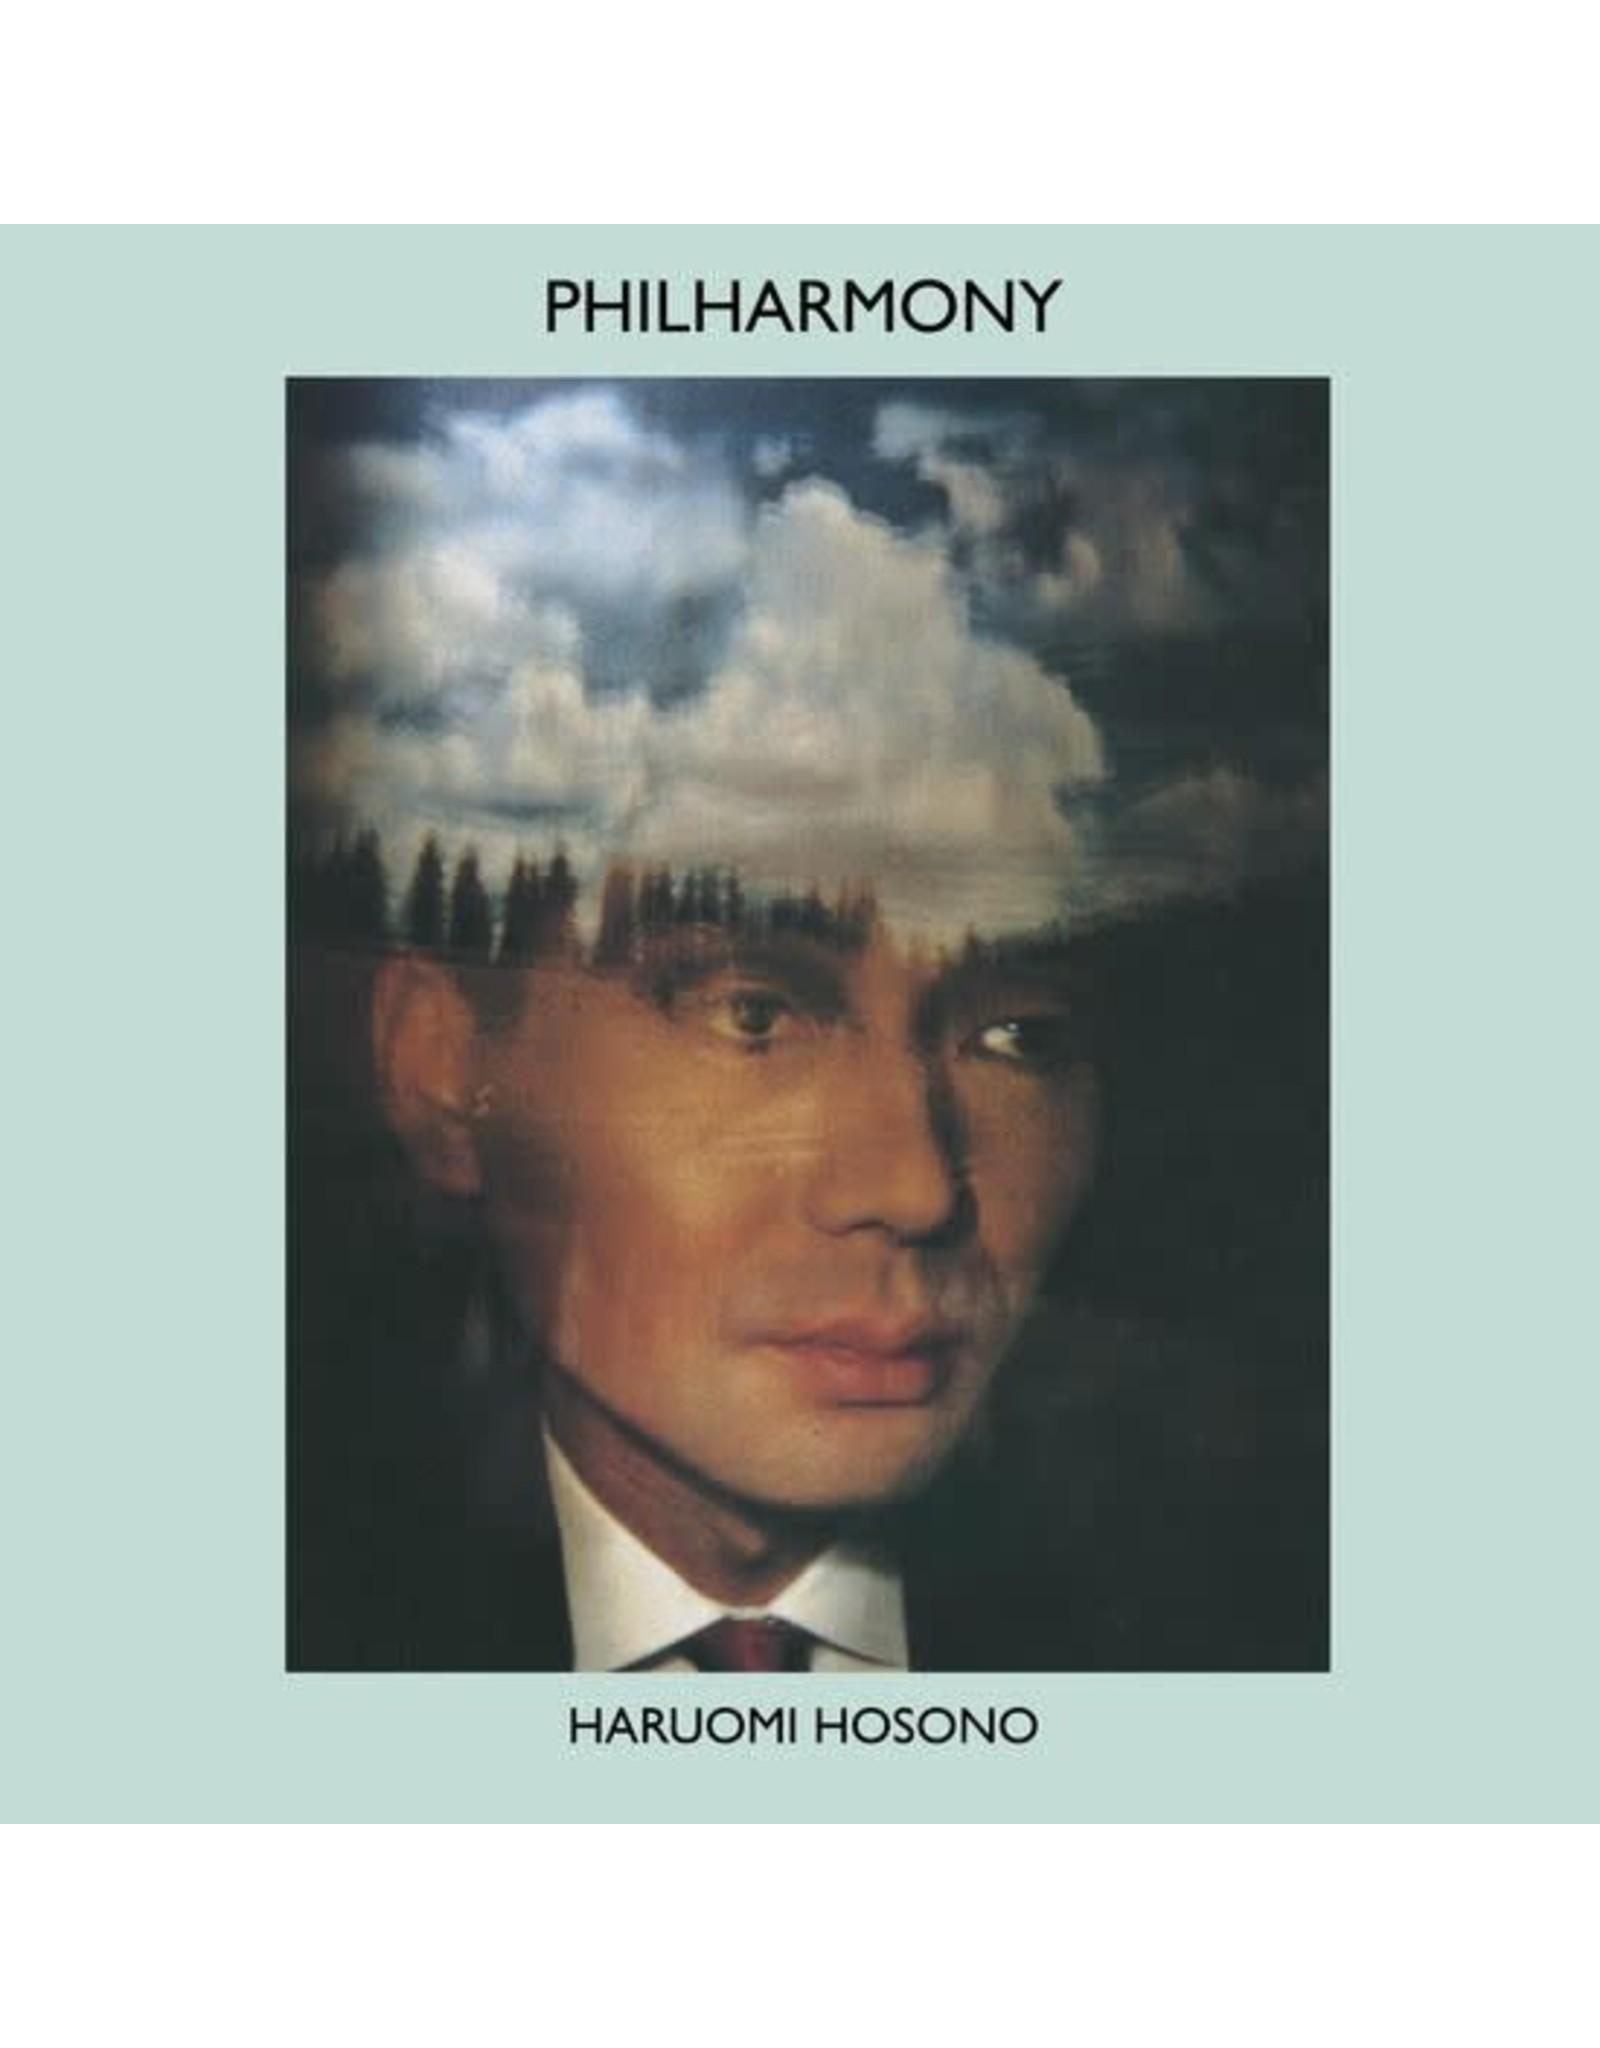 Light in the Attic Hosono, Haruomi: Philharmony LP